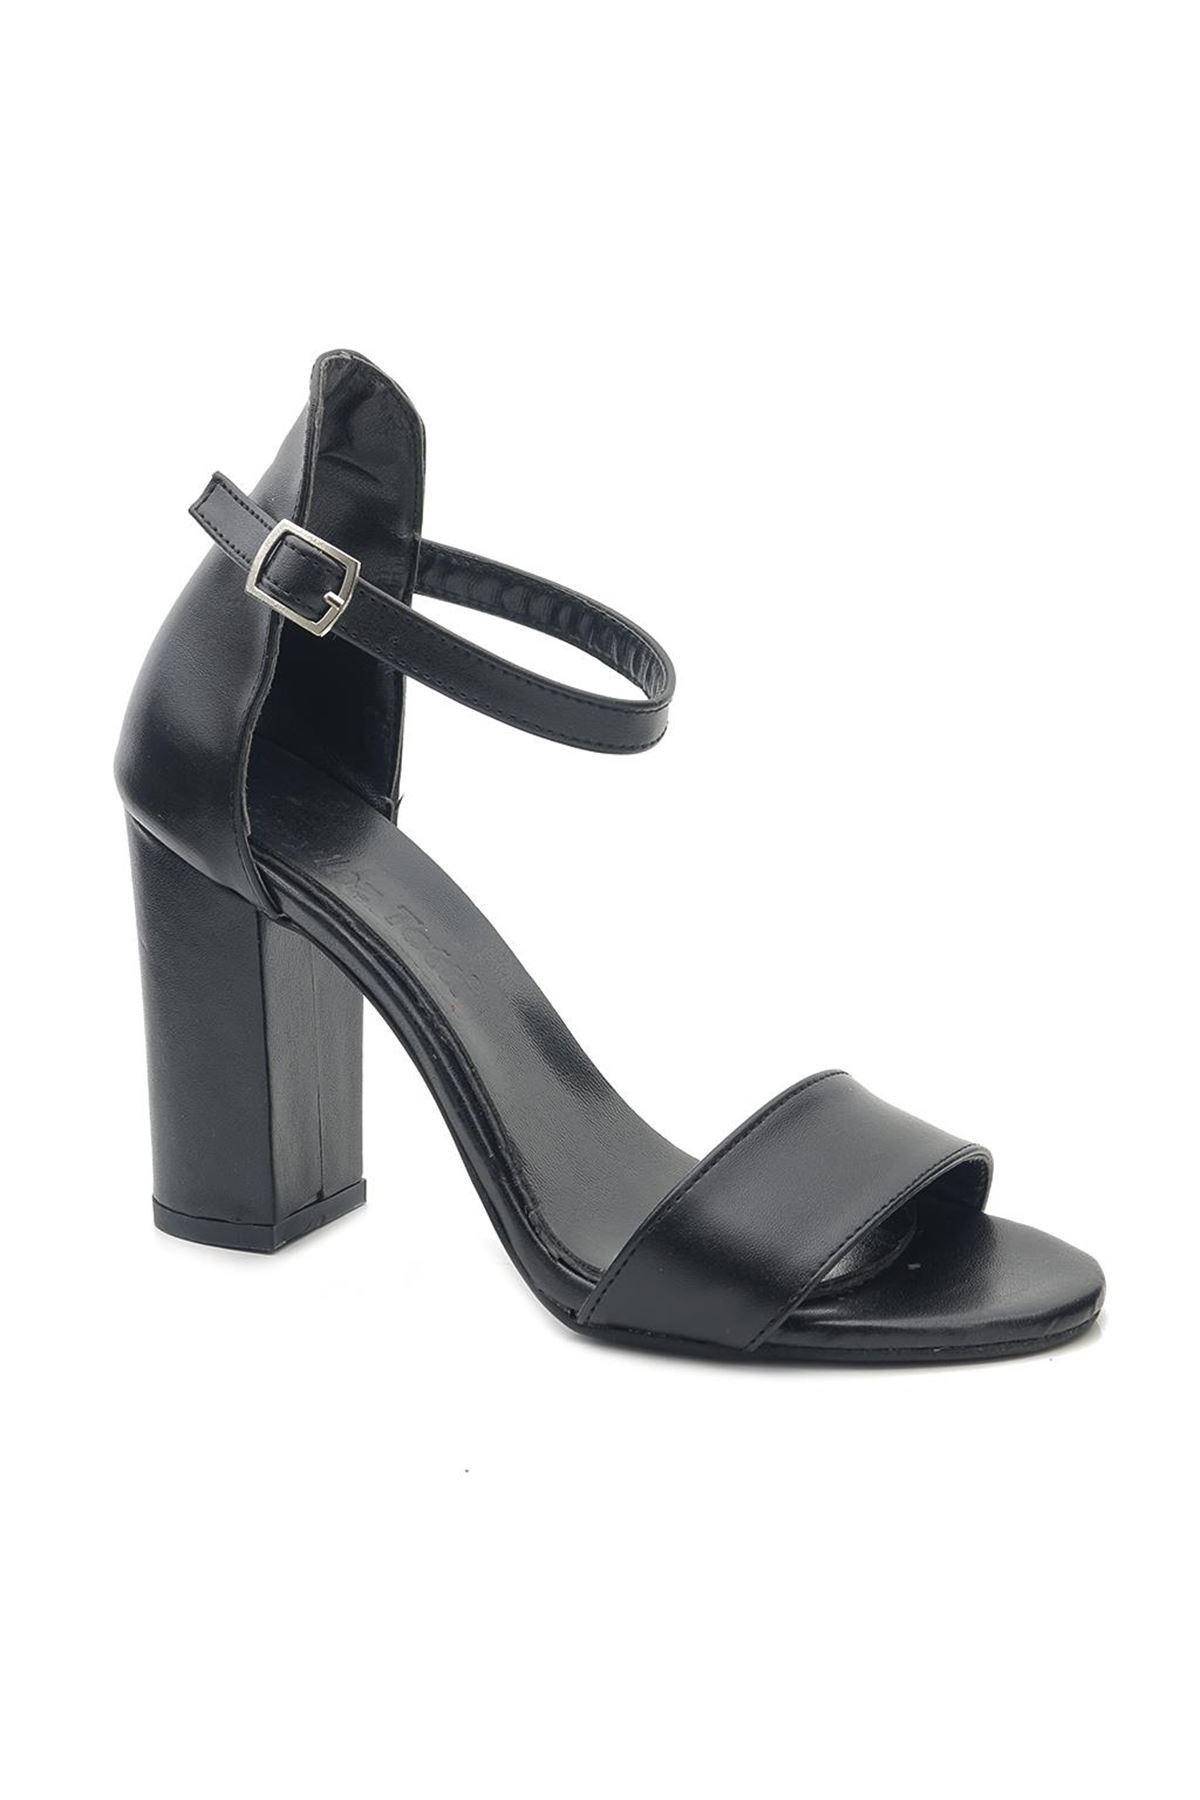 Totti Yüksek Kare Topuk Kadın Sandalet Ayakkabı